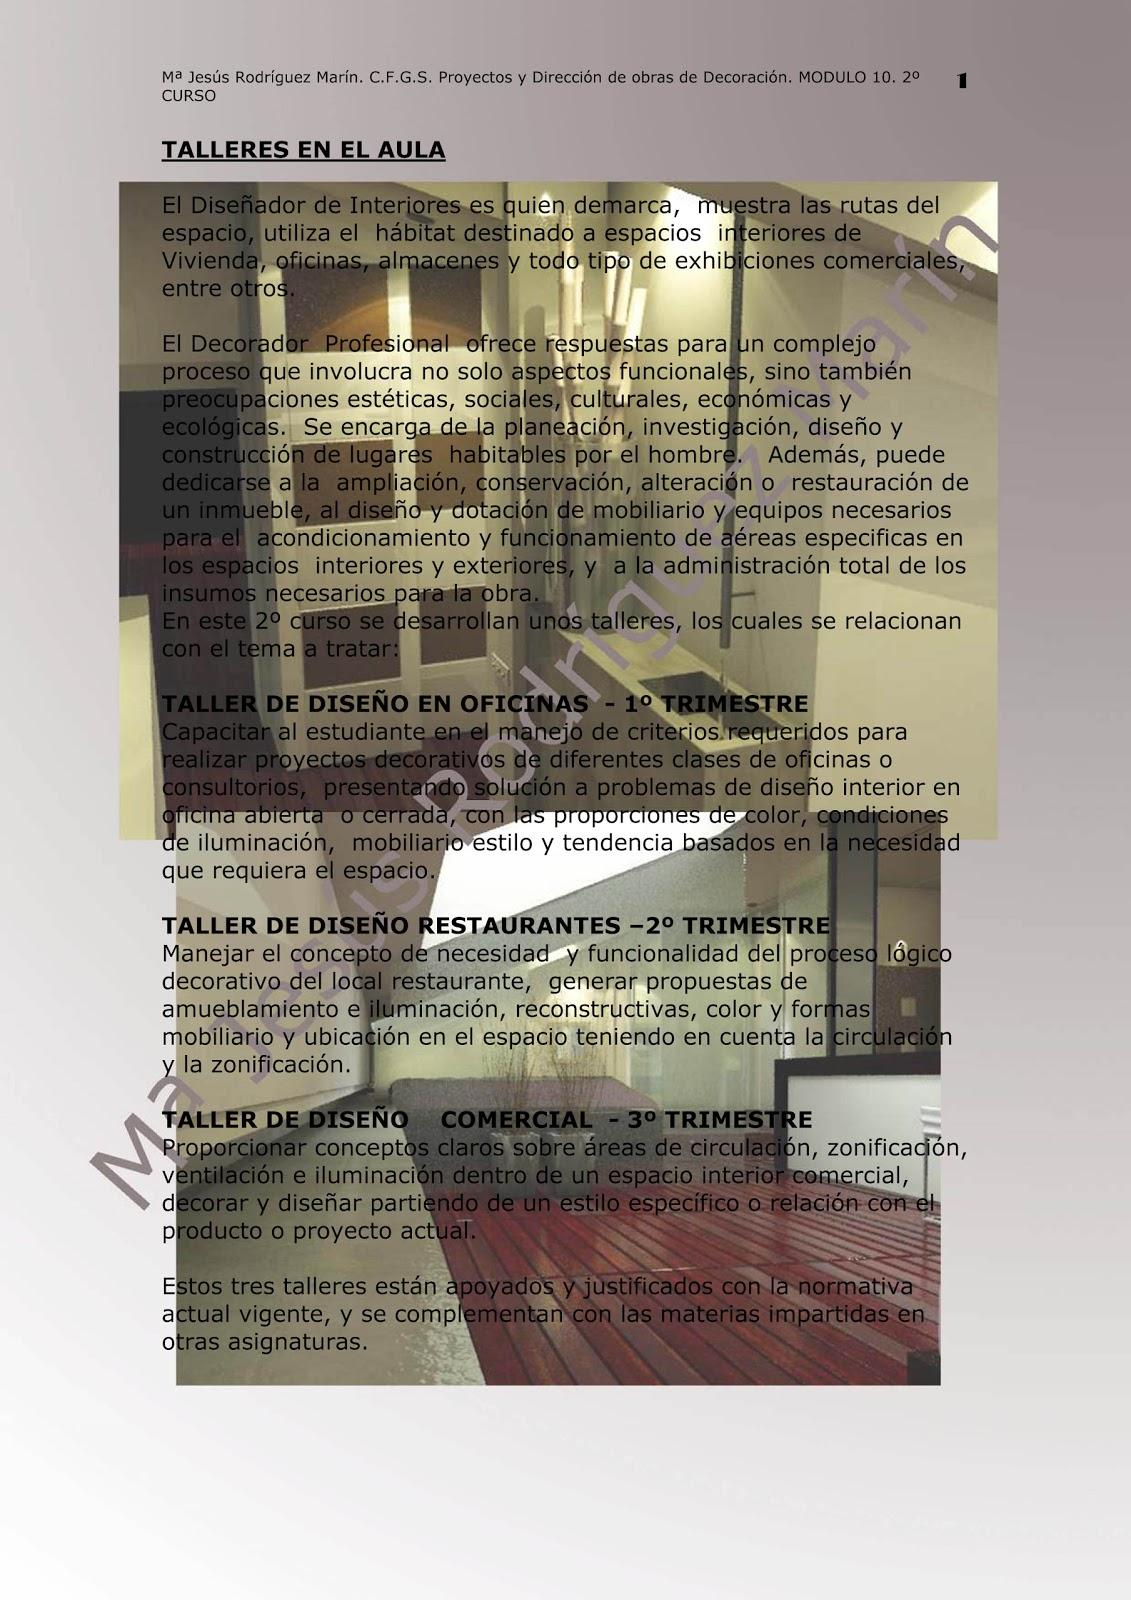 Decoraci n de interiores talleres en el aula for Taller decoracion de interiores